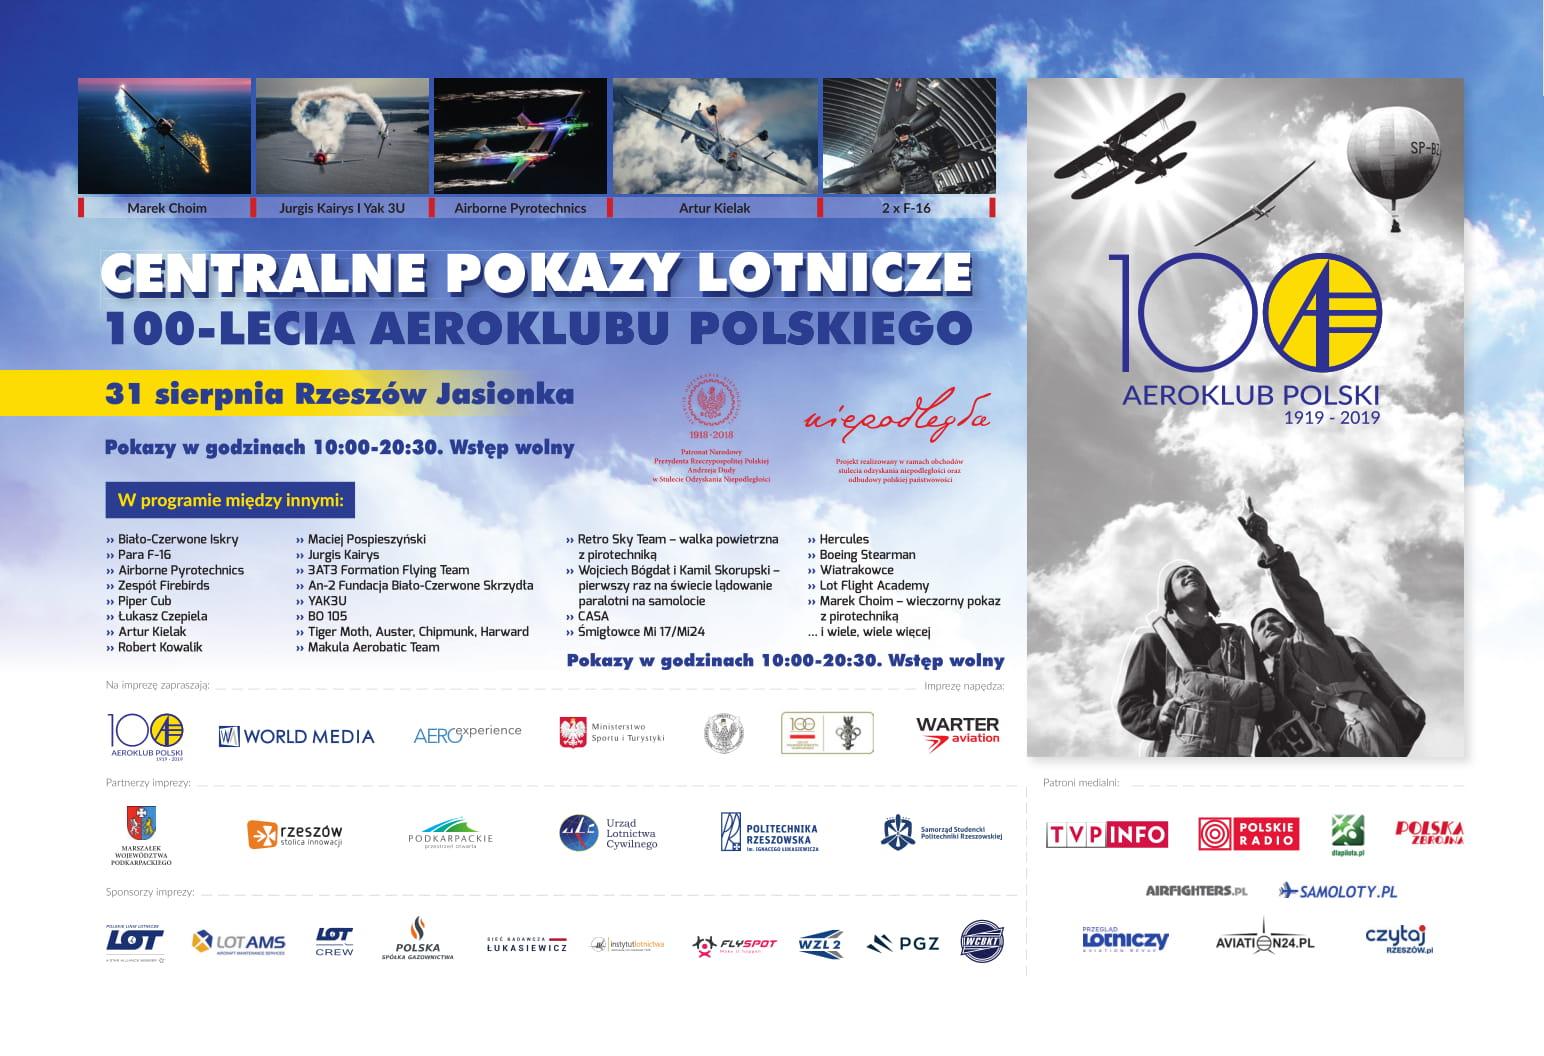 Centralne Pokazy Lotnicze z okazji 100-lecia Aeroklubu Polskiego